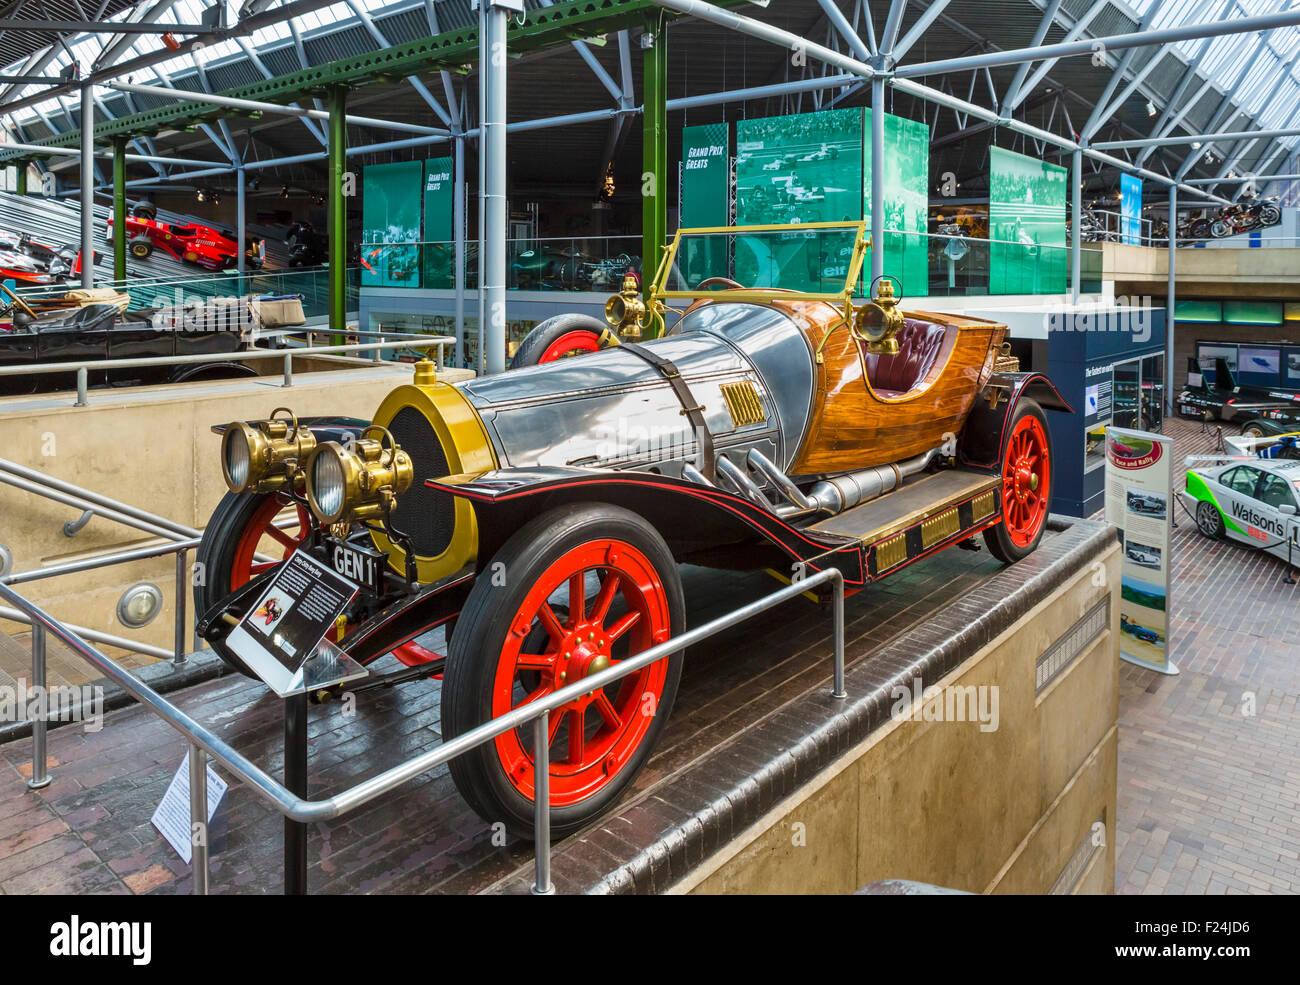 Tschitti Tschitti Bäng Bäng Auto auf dem Display an das National Motor Museum in Beaulieu, Hampshire, Stockbild